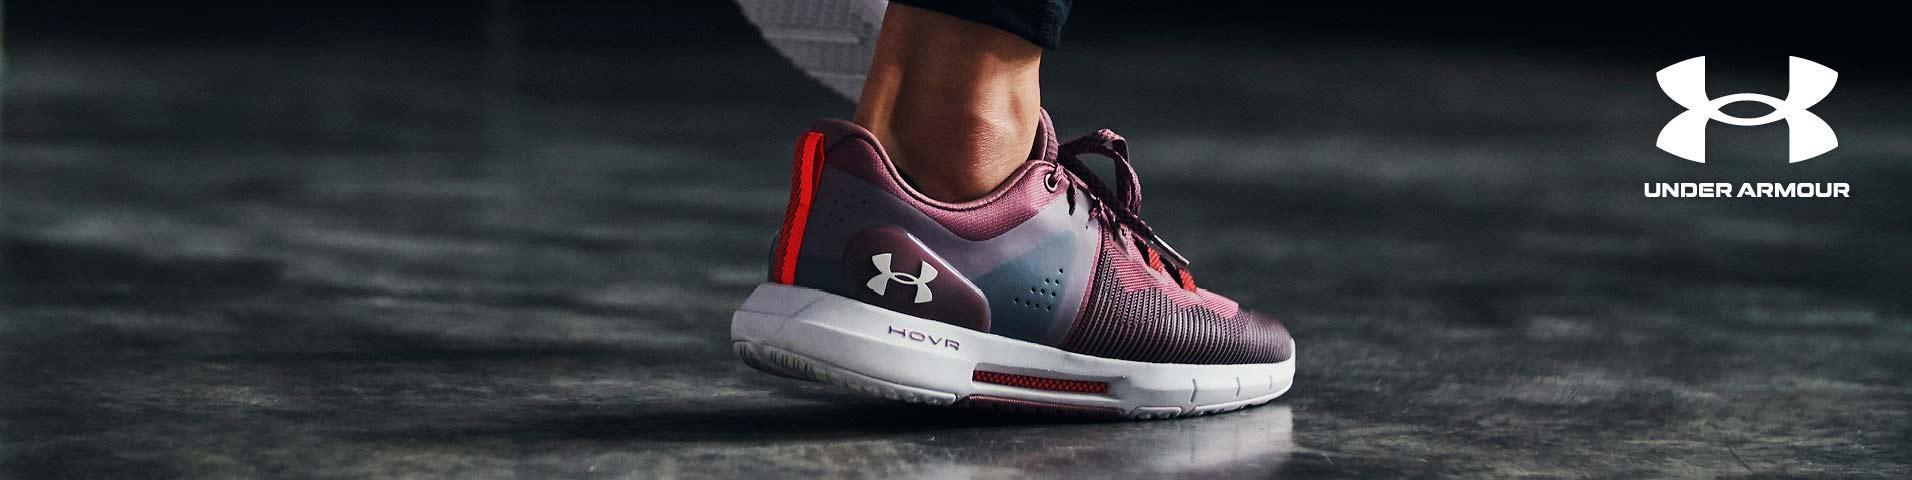 Buty sportowe damskie Under Armour w ZALANDO | Dostawa gratis